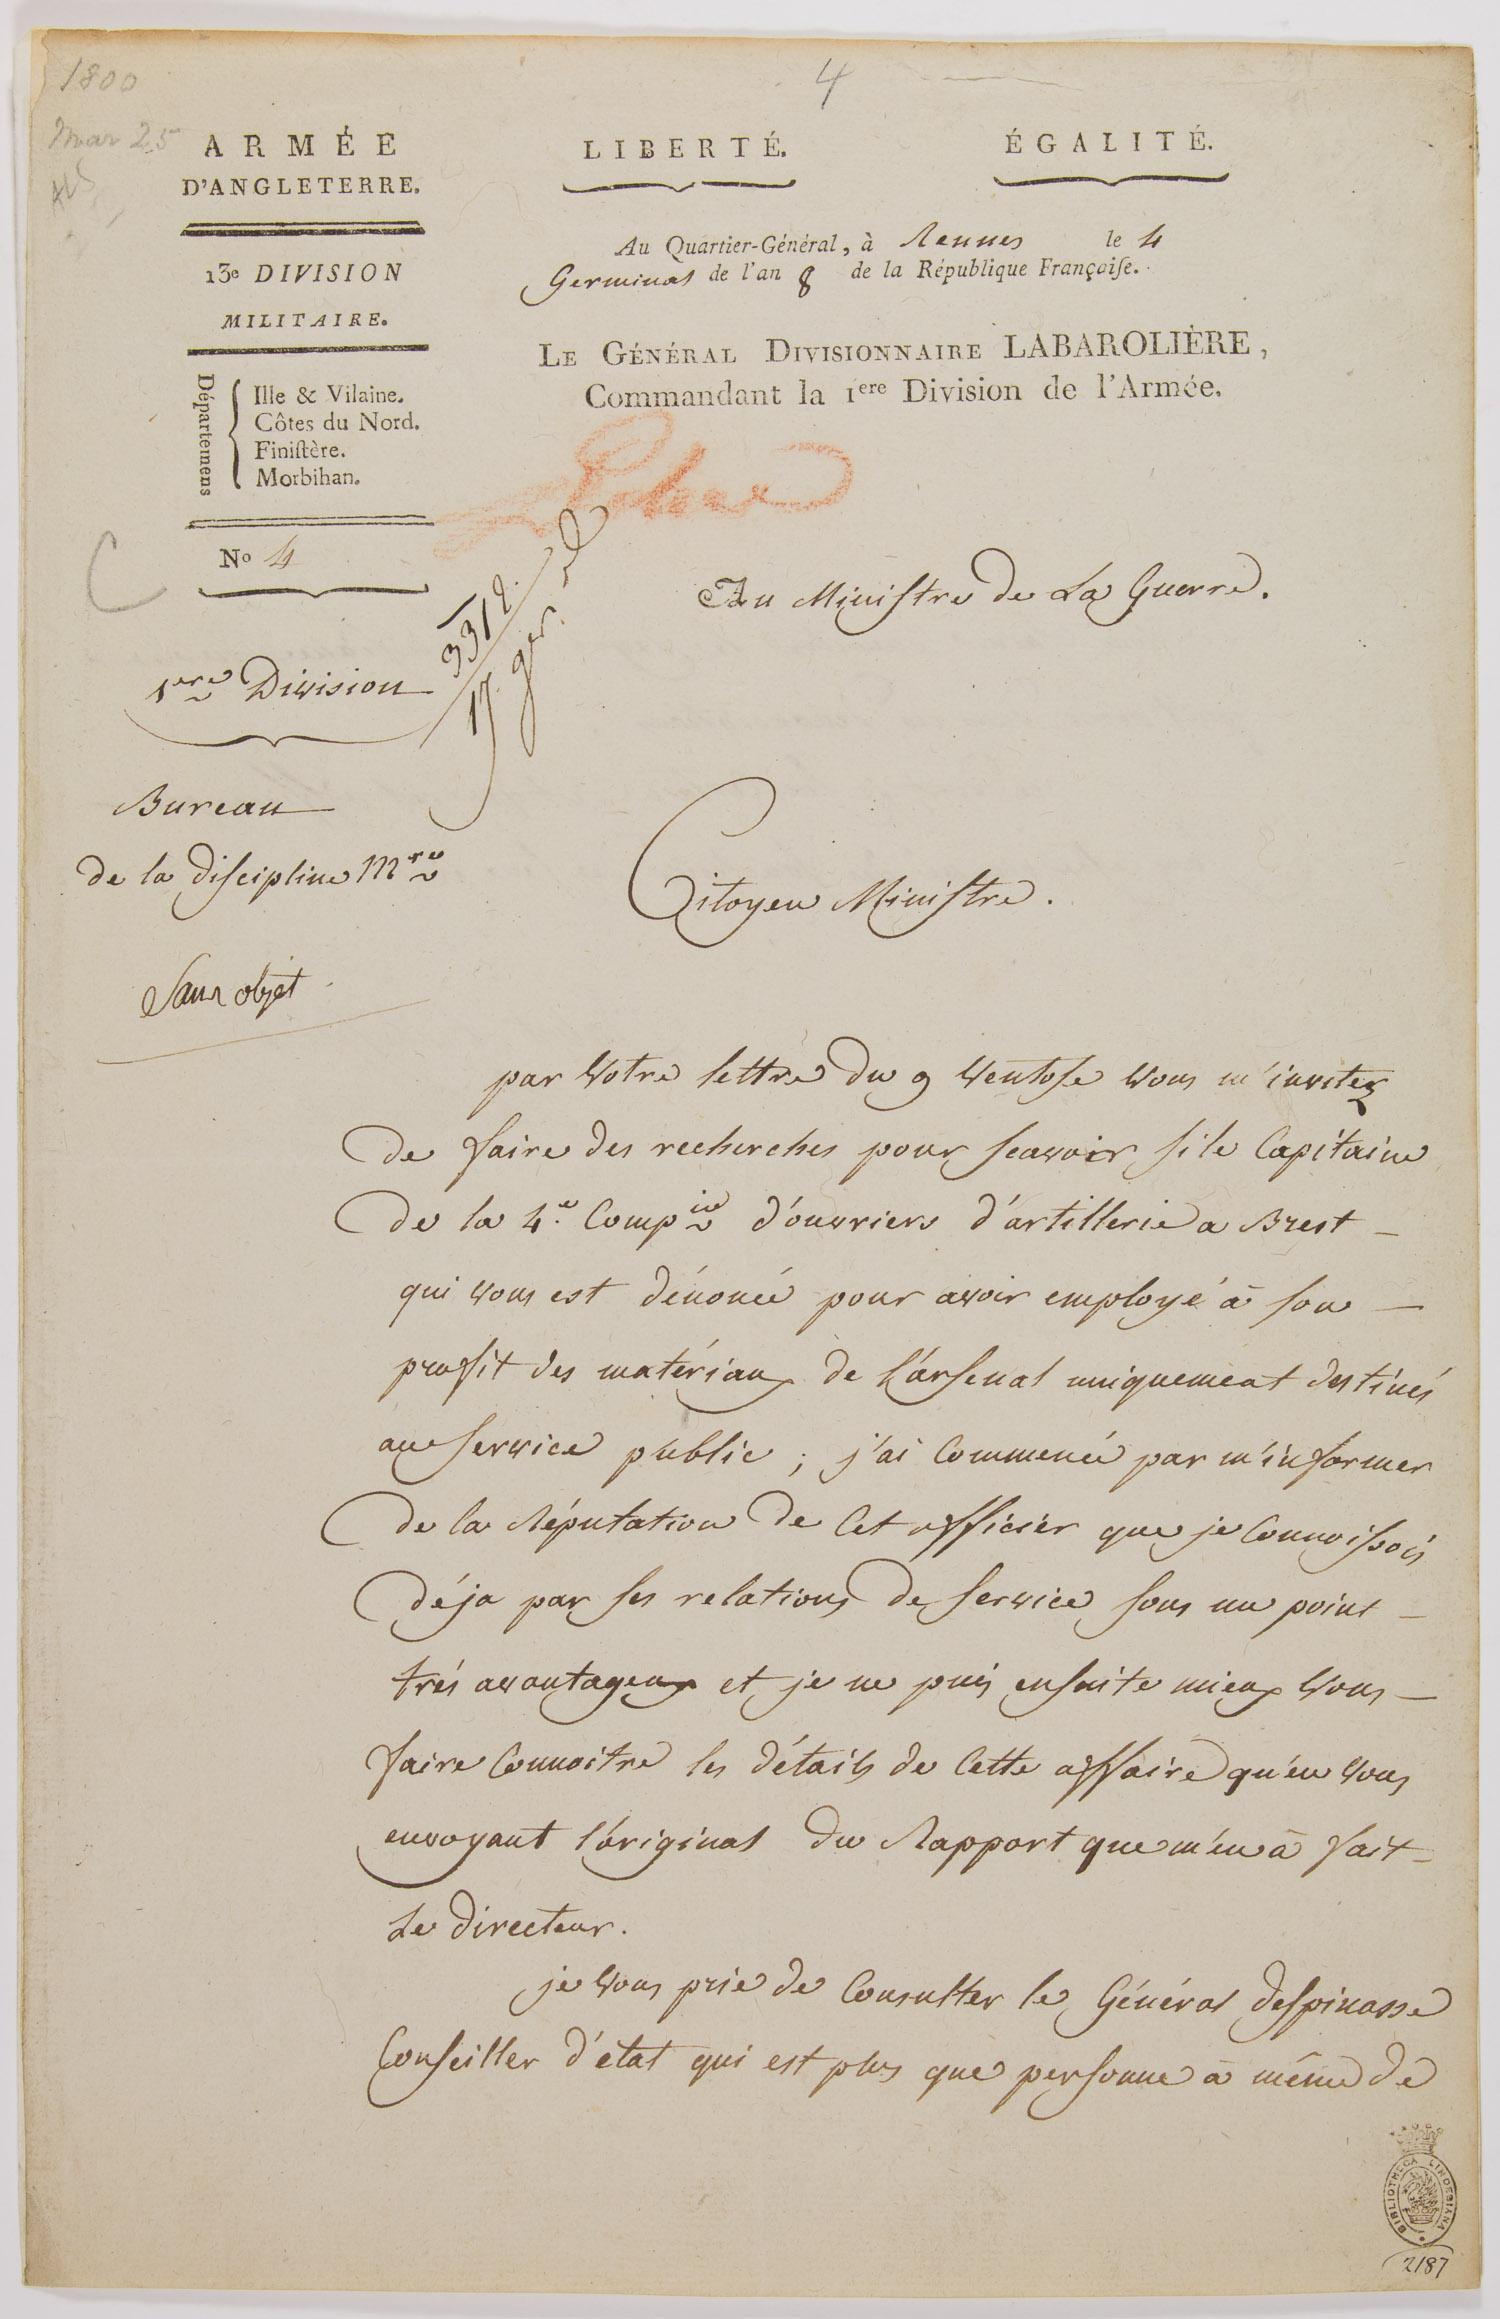 (NAPOLEONIC WARS) JACQUES MARGUERITE PILOTTE DE LA BAROLLIERE